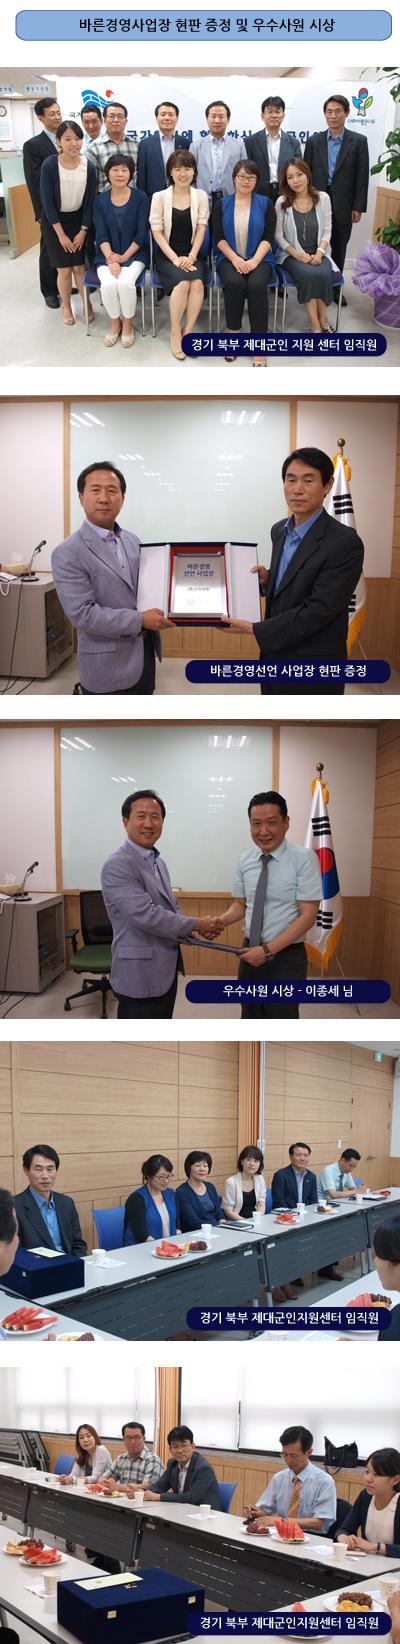 [2013.07.18] 경기 북부 제대군인지원센터, 바른경영사업장 현판 전달 및 시상